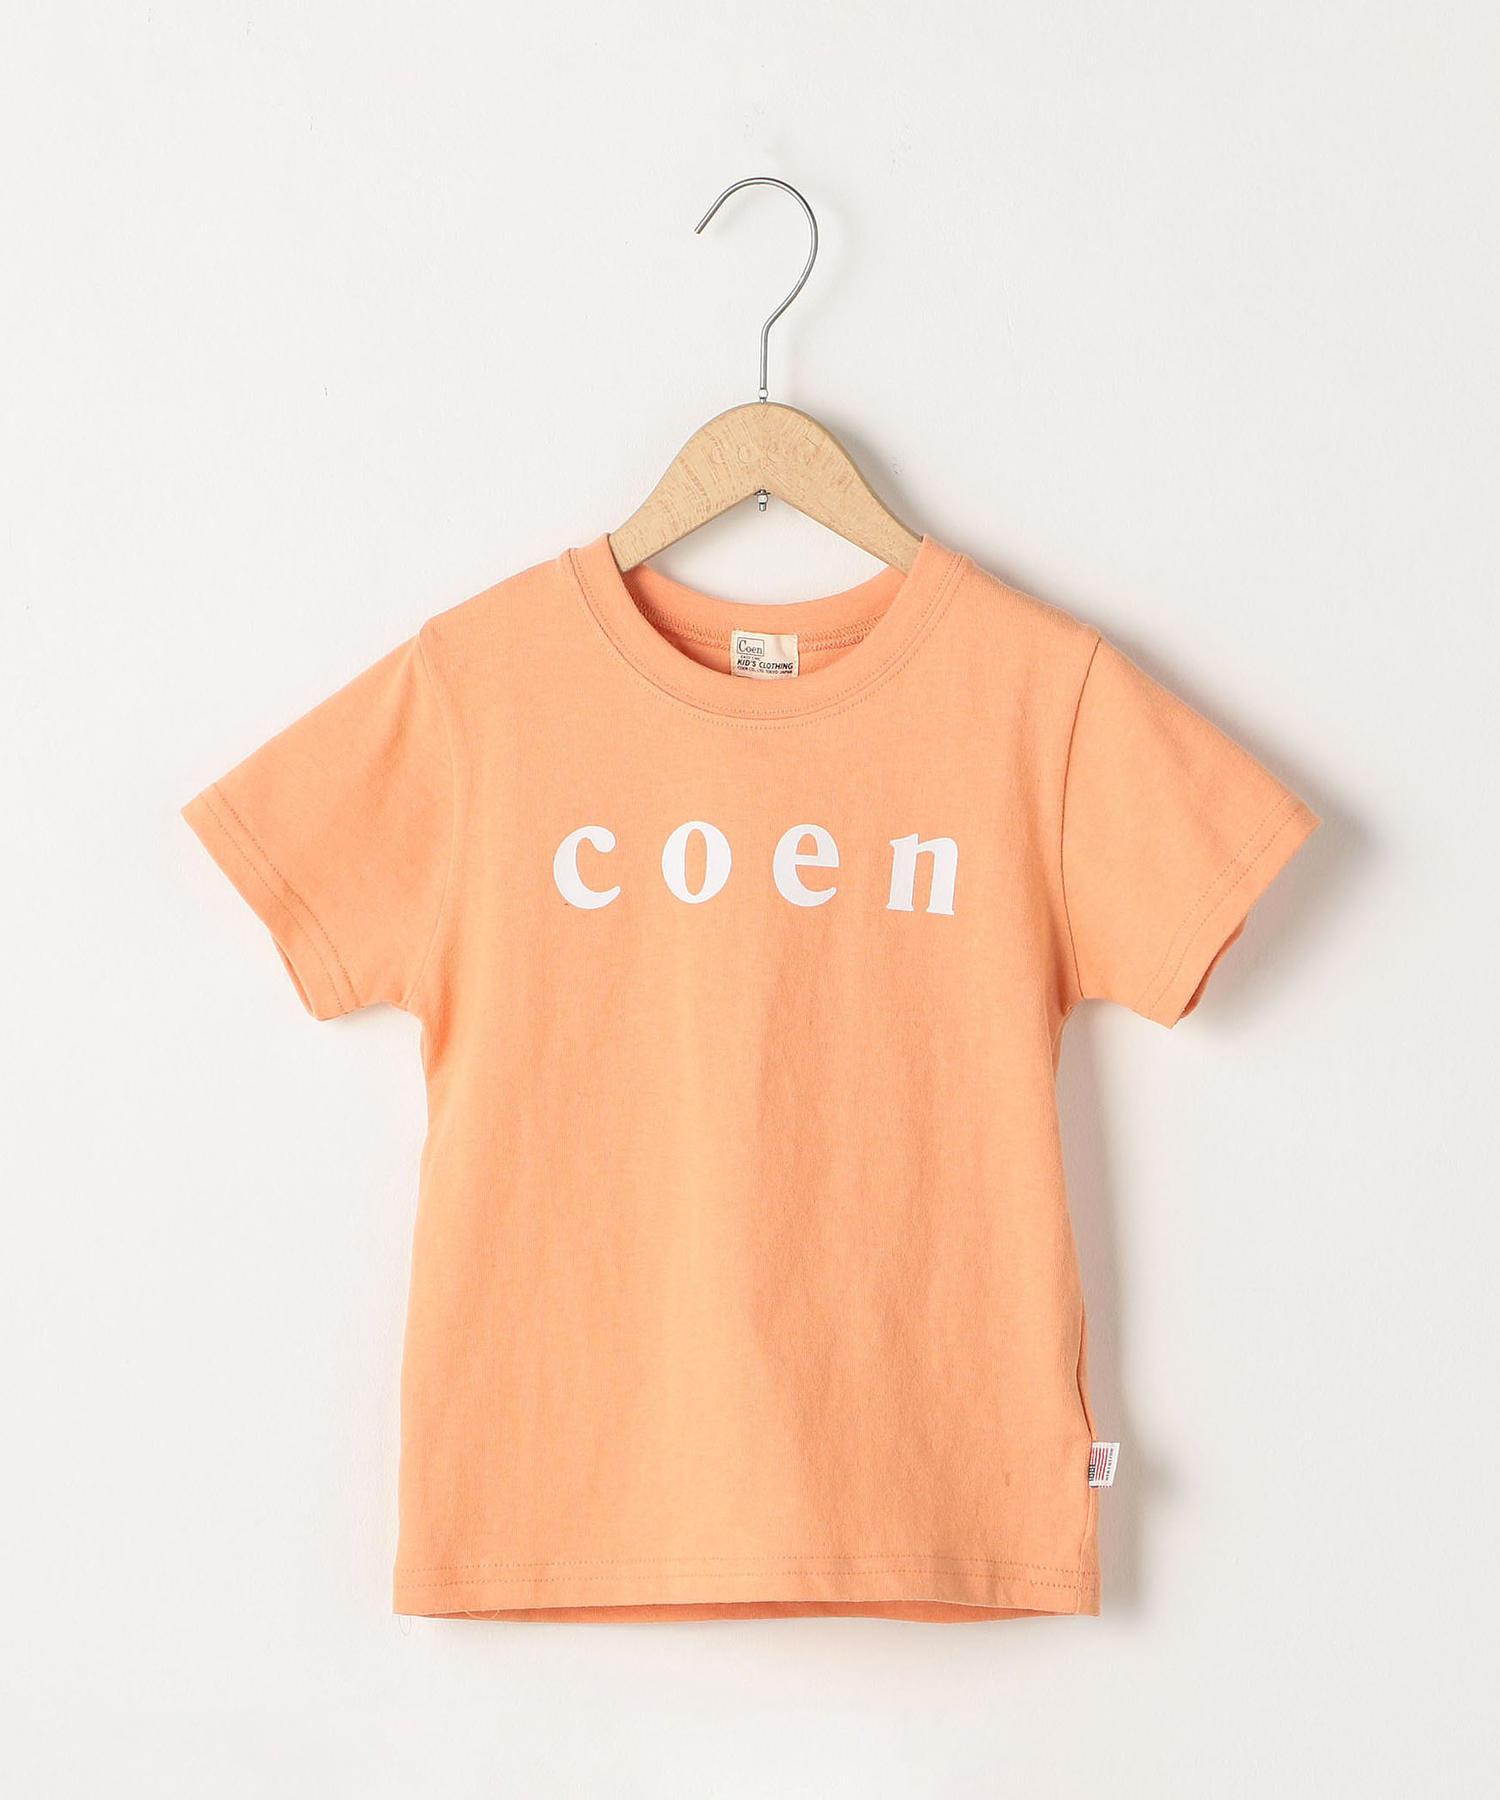 coen(コーエン)ロゴTシャツ_2